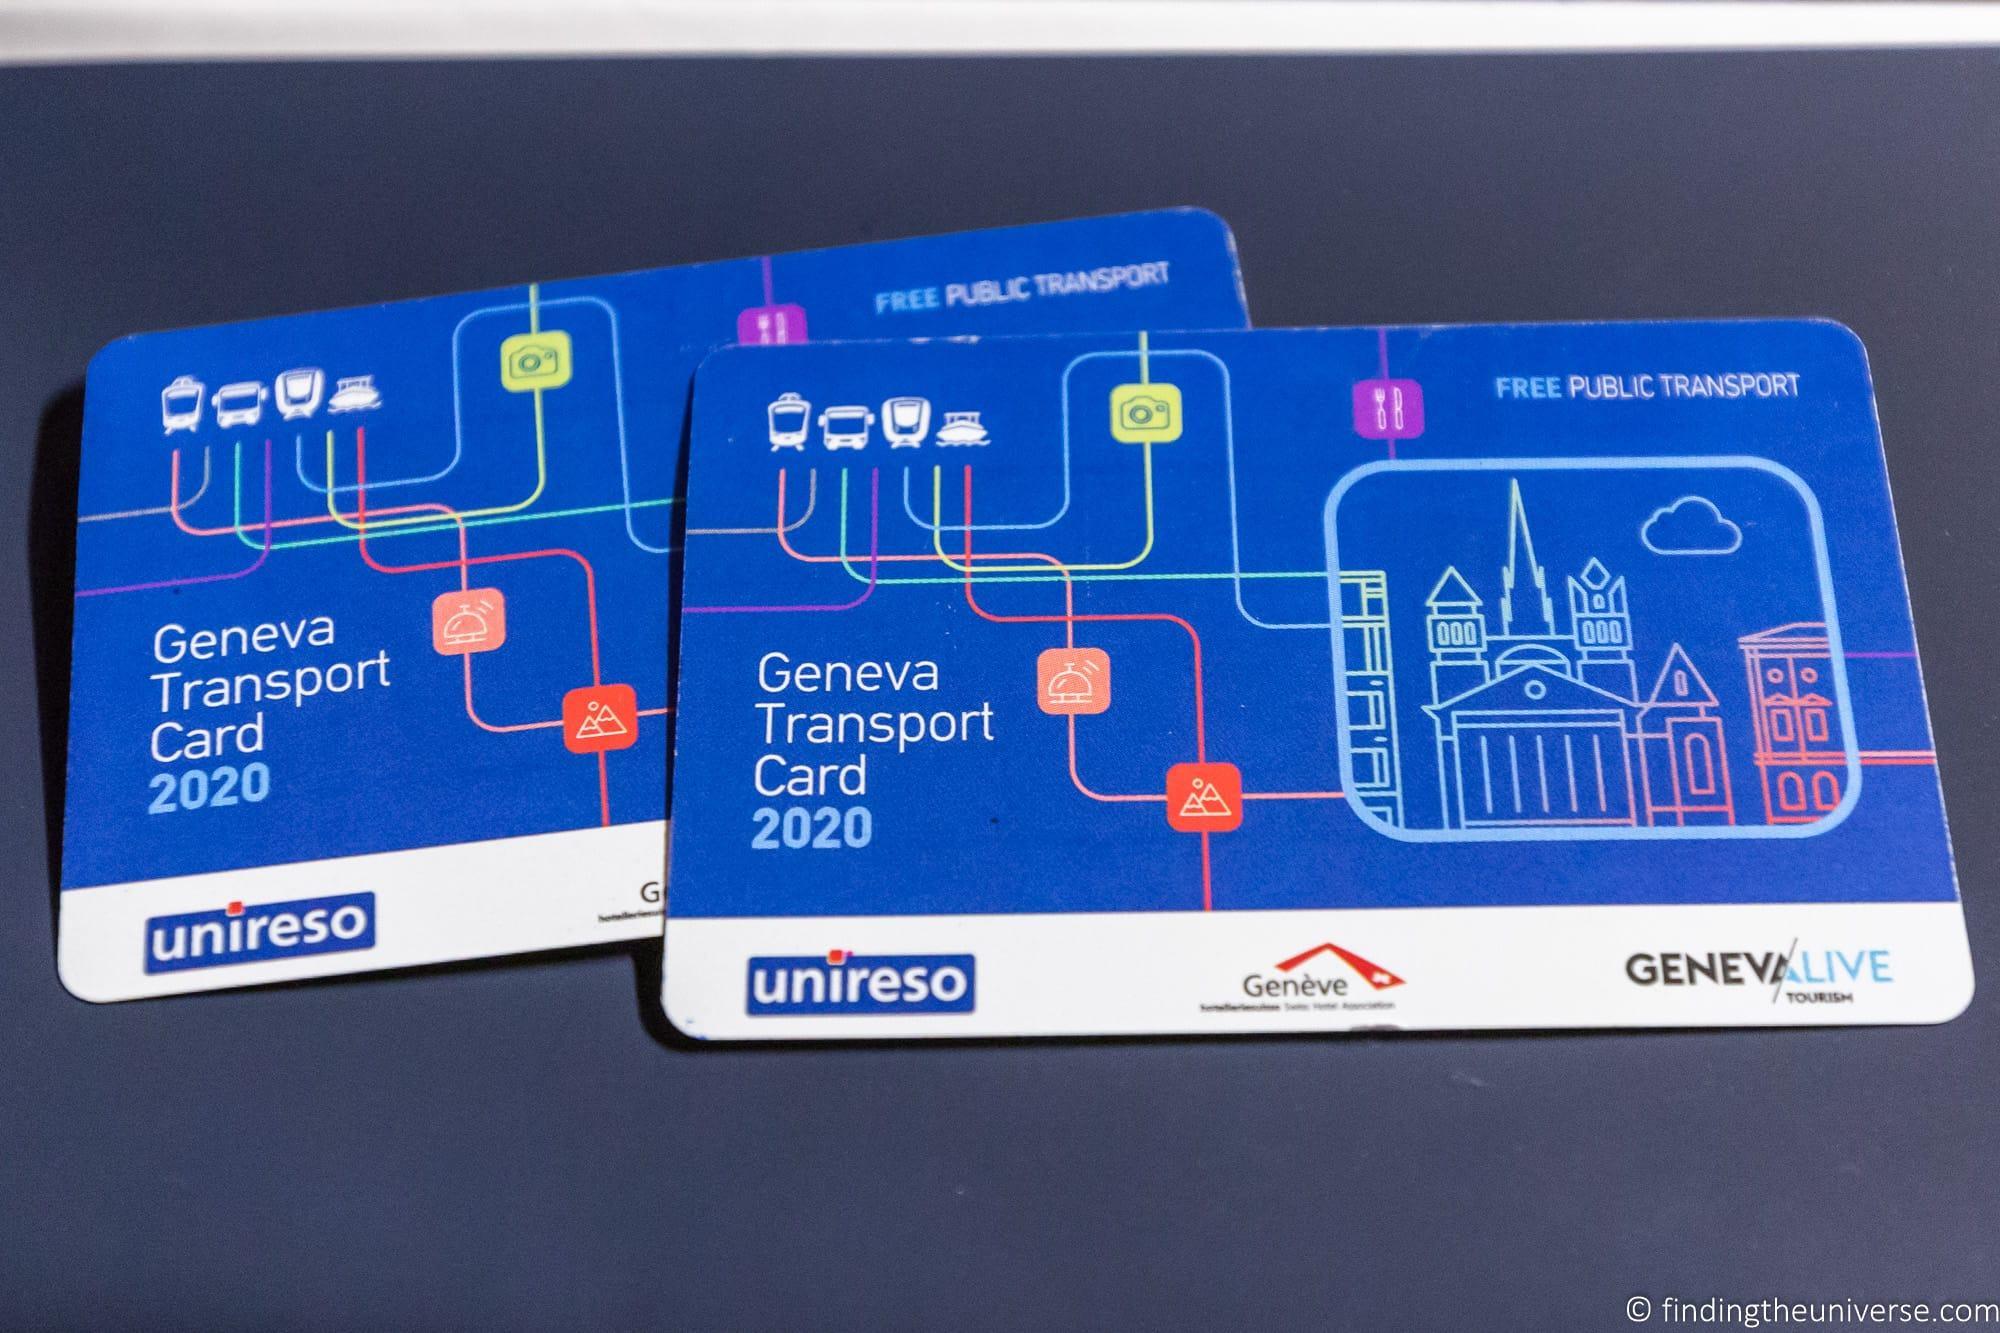 Geneva Transport Card